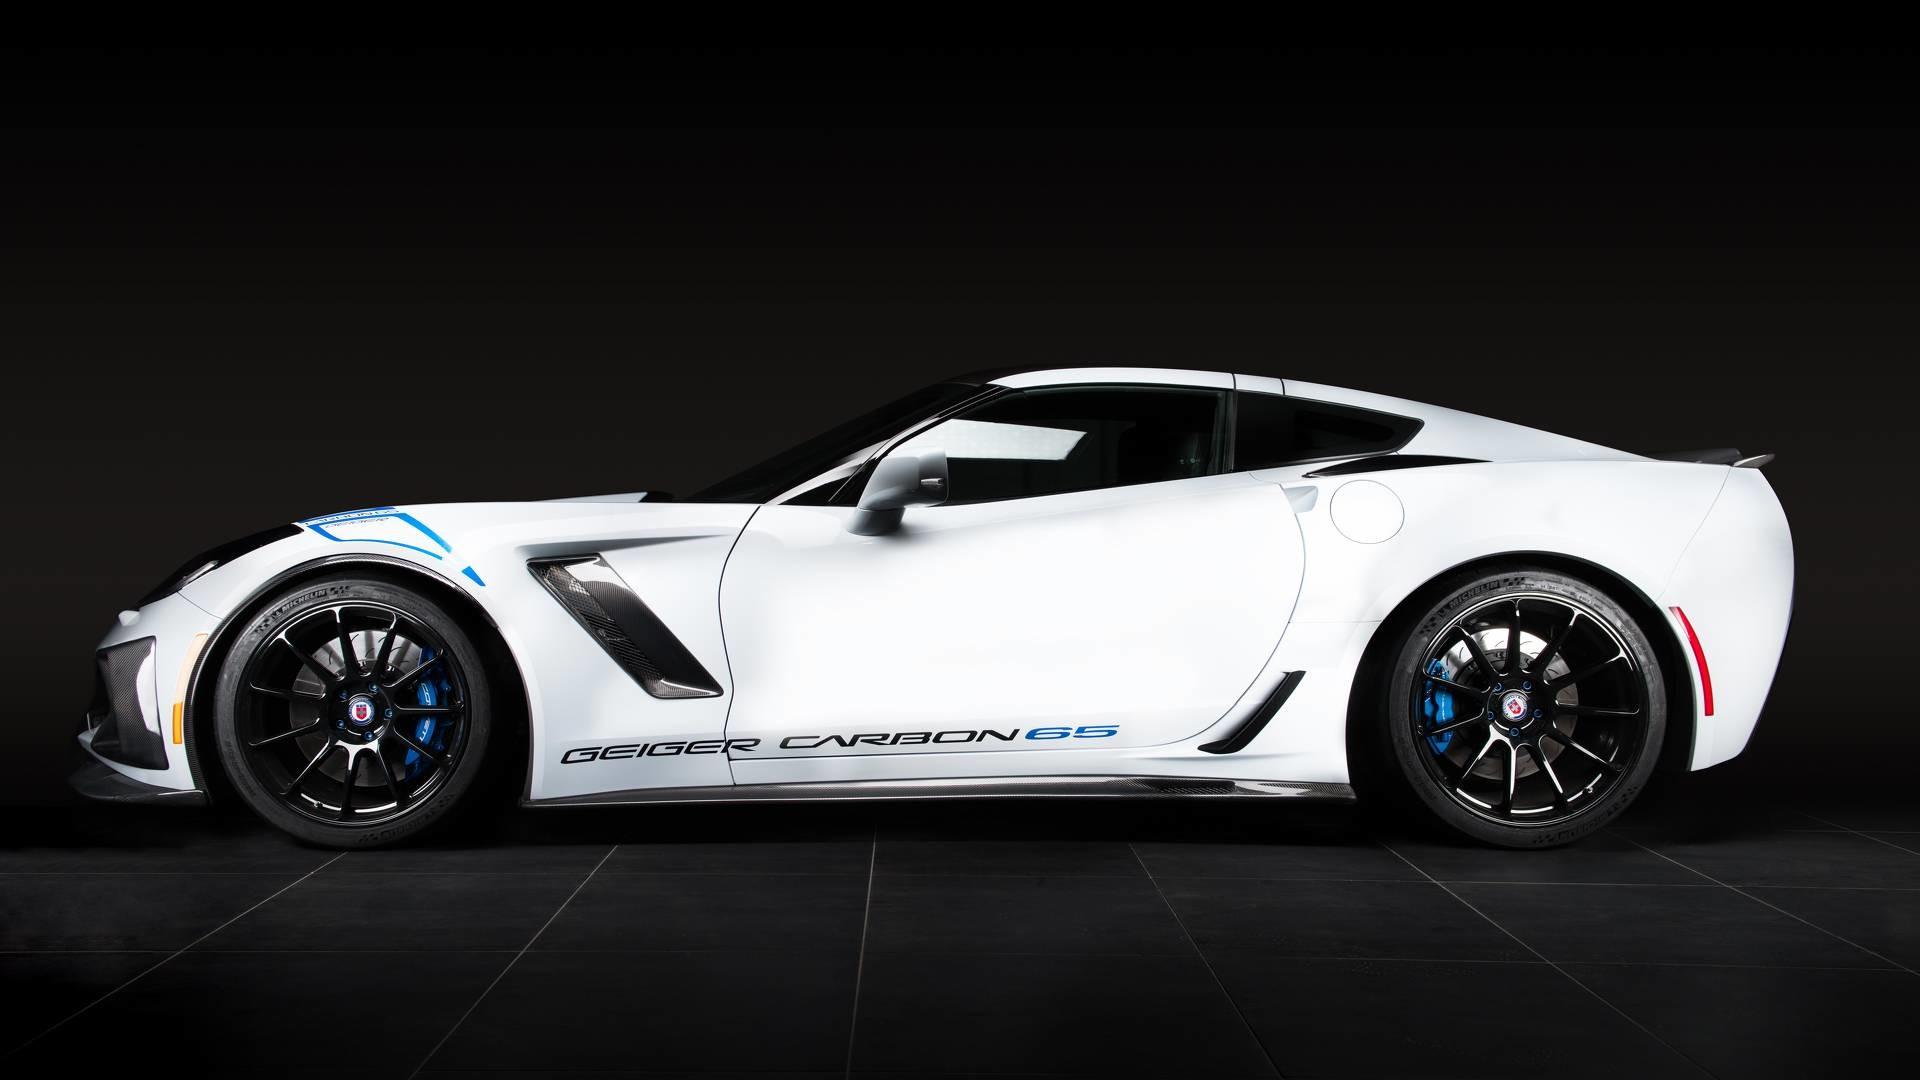 Foto de Corvette Z06 Geiger Carbon 65 Edition (2/15)